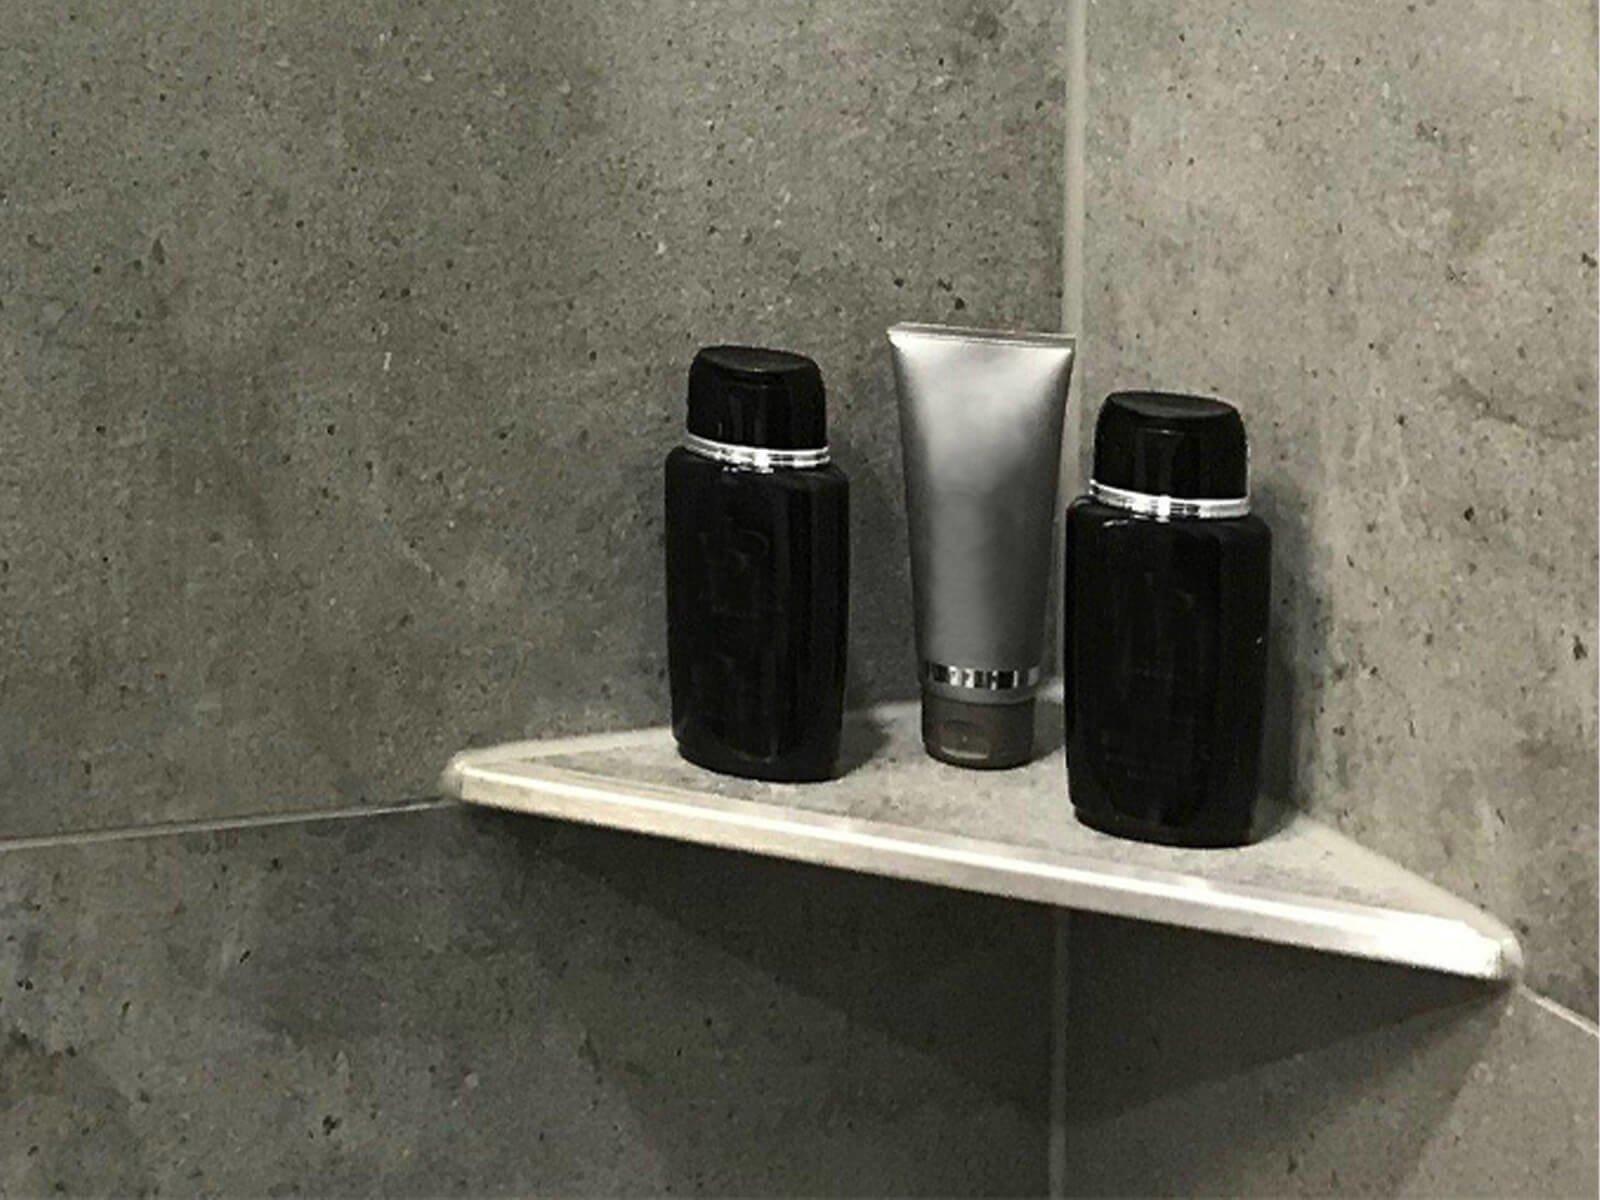 duschablage-aus-massivem-edelstahl-in-einer-ecke-mit-shampooflaschen